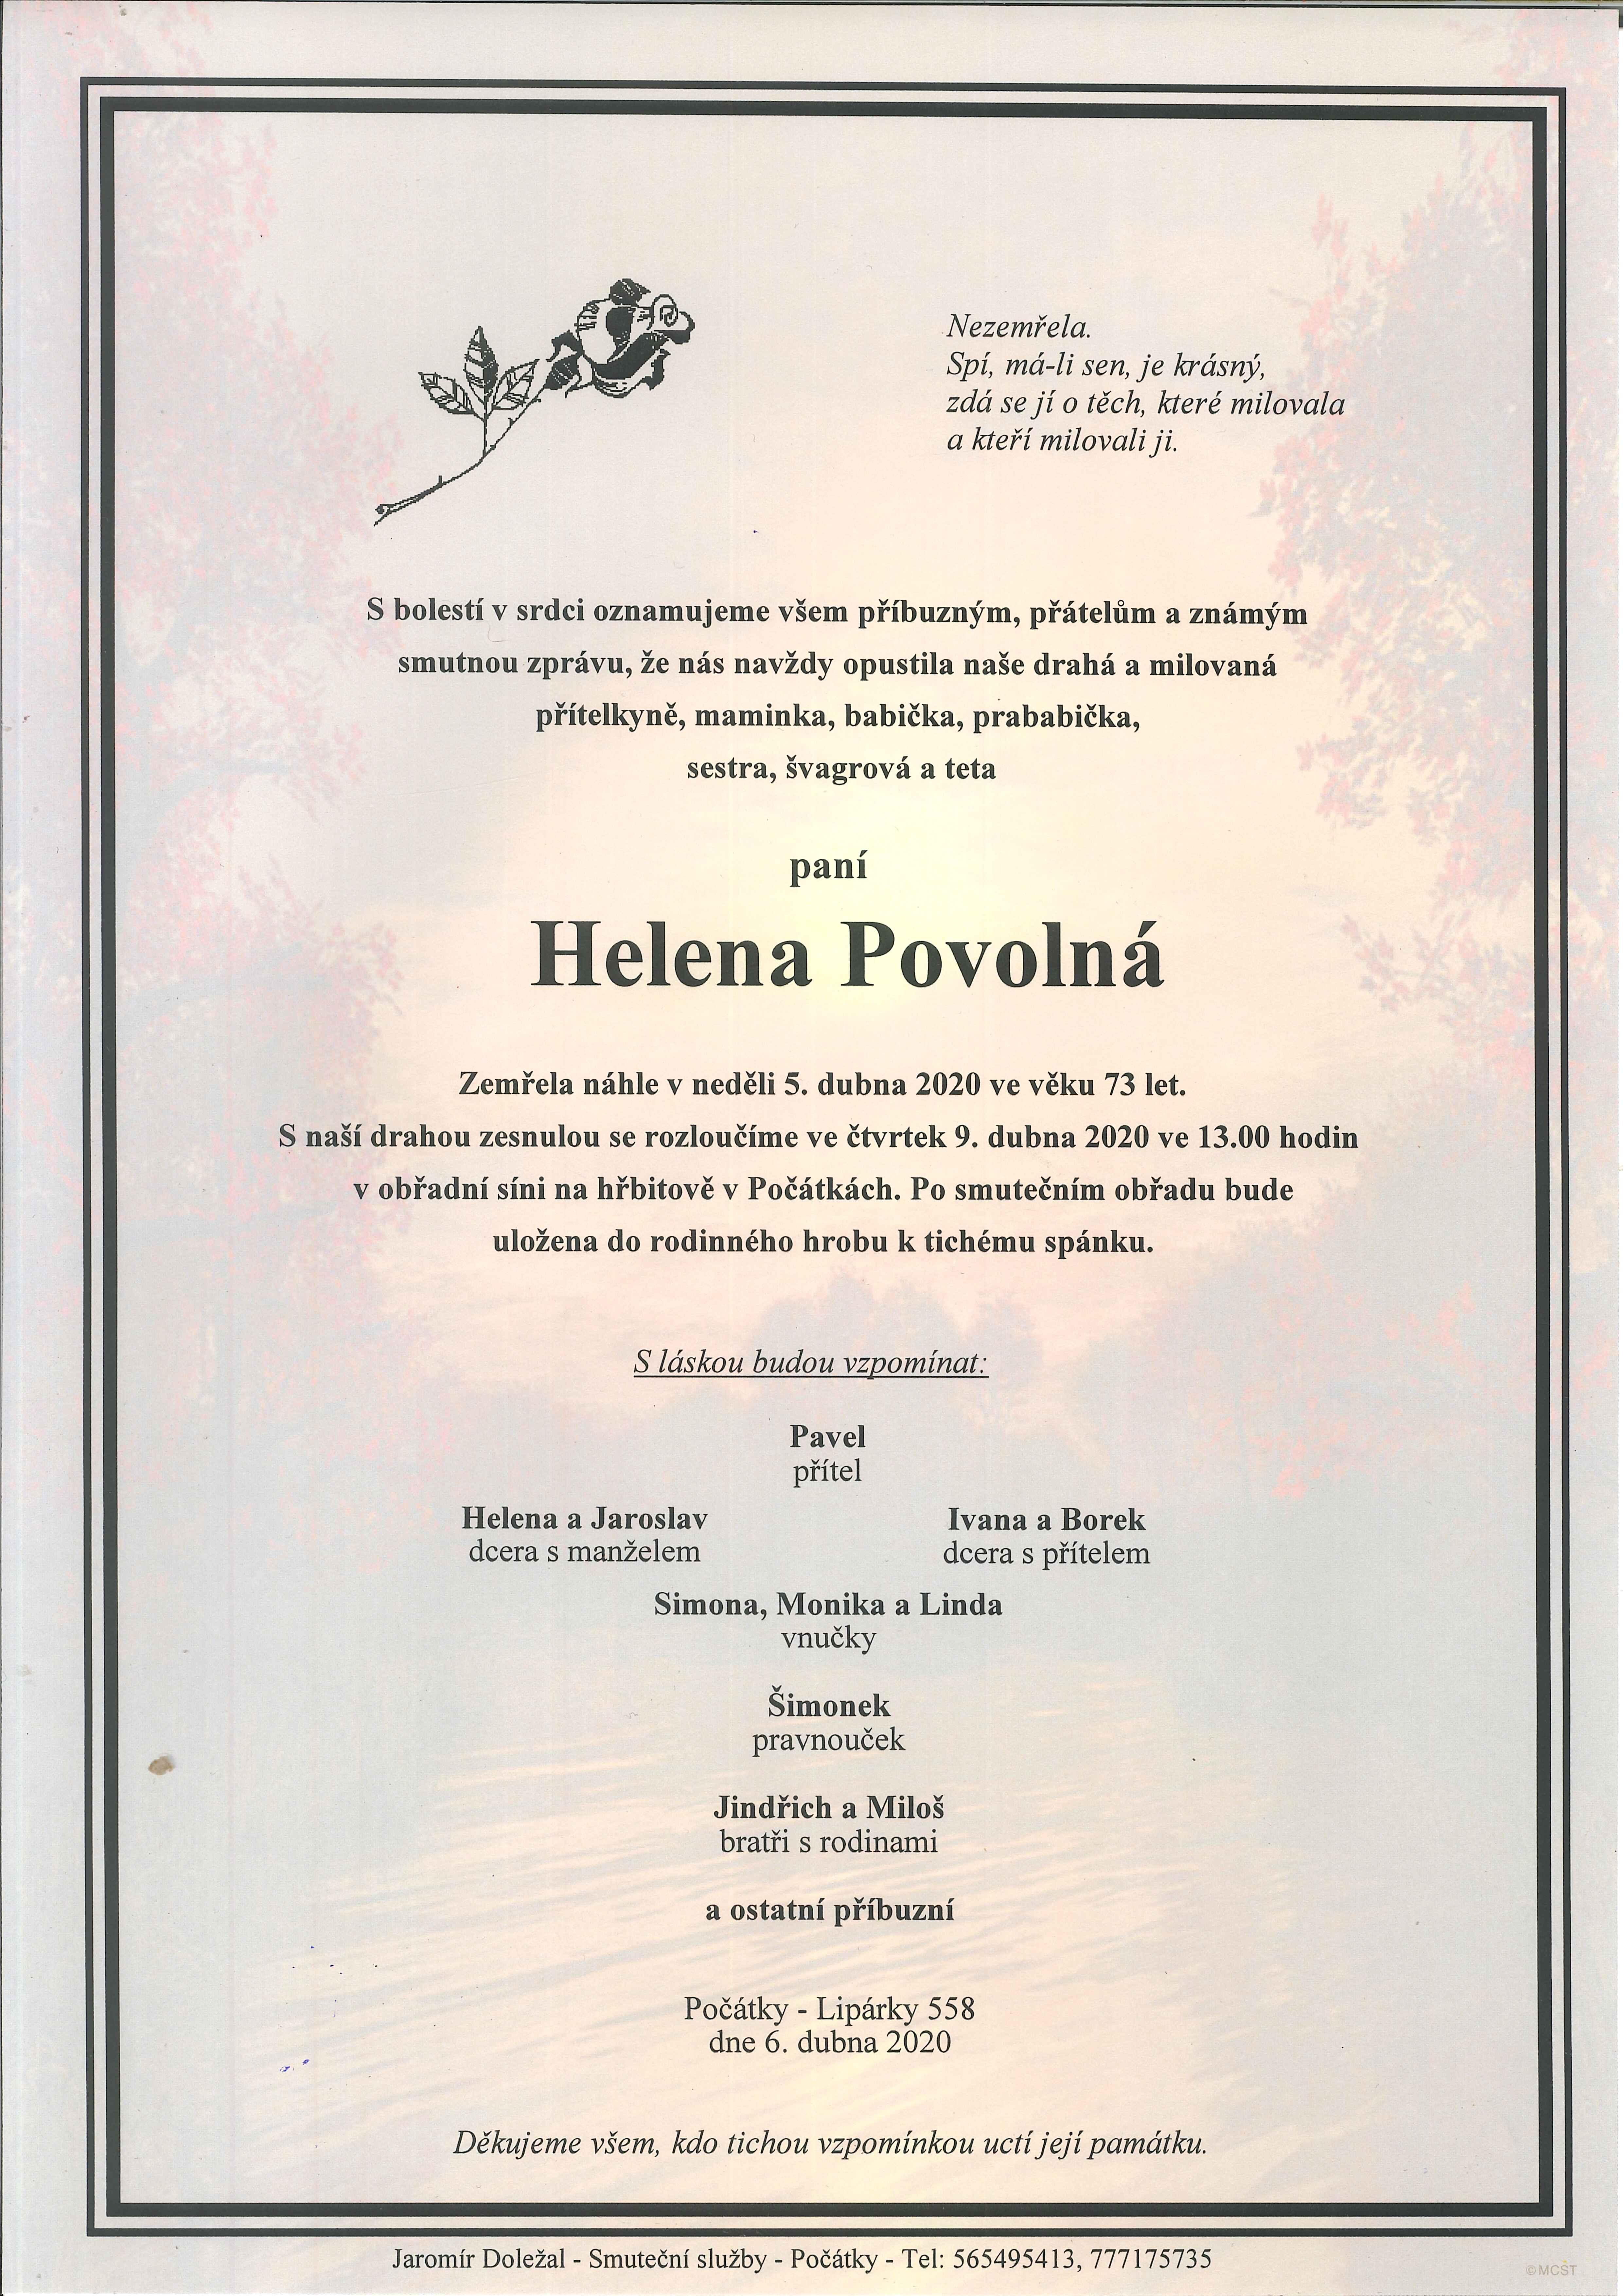 Helena Povolná